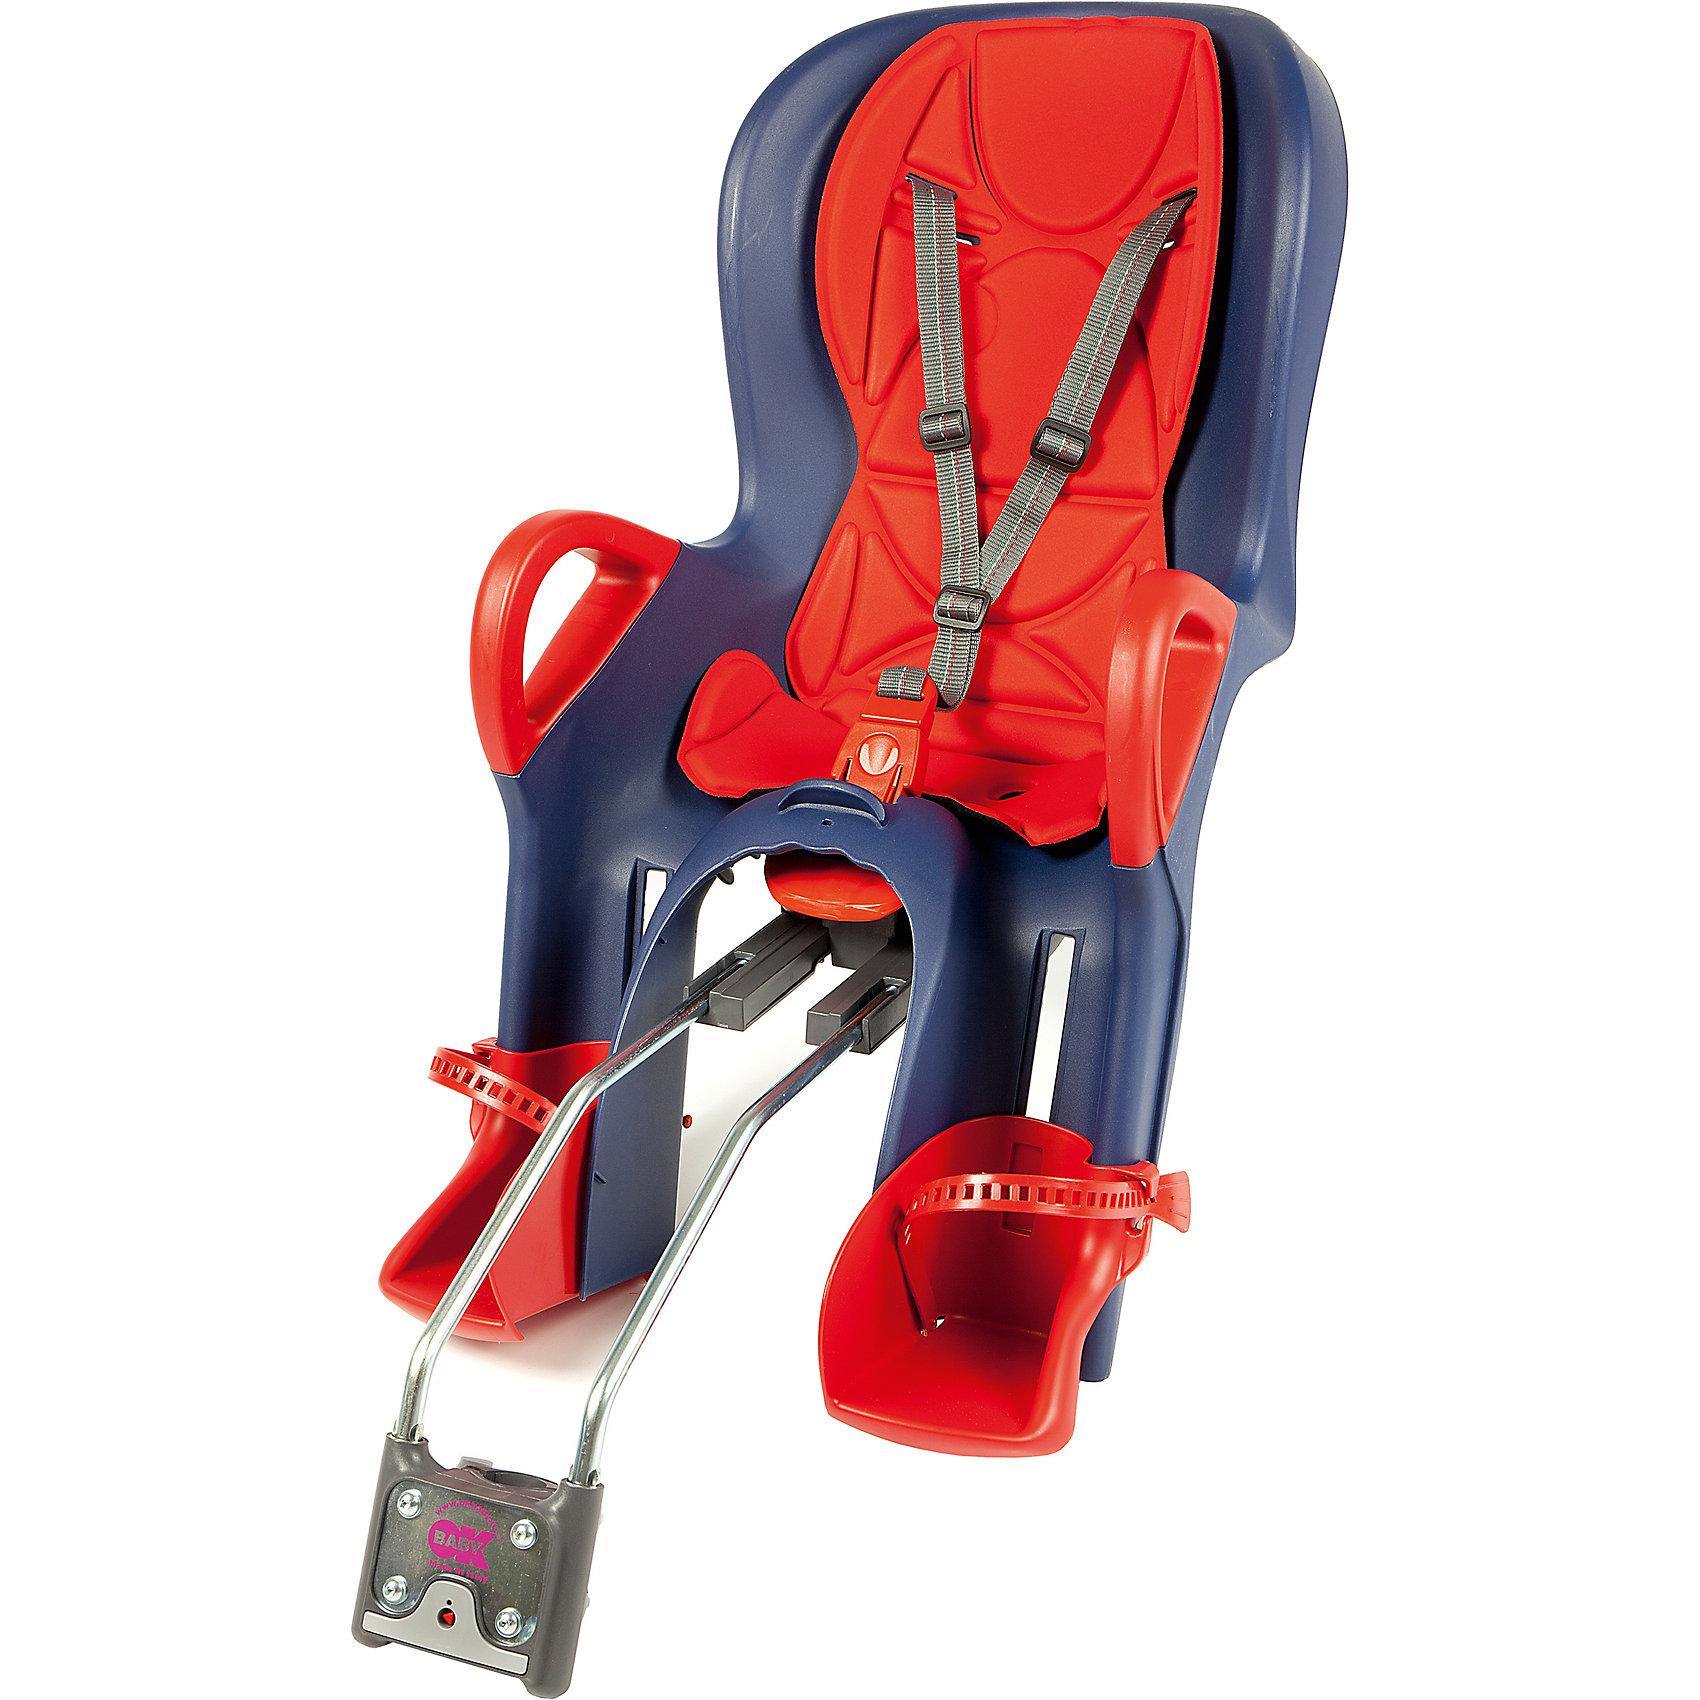 Велосипедное кресло 10+, красный/синий , Ok BabyГруппа 1 (От 9 до 18 кг)<br>Велосипедное кресло, Ok Baby, идеально подходит для перевозки детей весом до 22 кг. на велосипедах. Кресло надежно крепится в задней части велосипеда. Благодаря эргономичной форме и термической водоотталкивающей обивке кресла, поездка в нем будет комфортна в<br>любую погоду. Кресло имеет 8 регулировок продольного перемещения относительно седла велосипеда, что позволяет использовать его практически на любых моделях велосипедов. Наклон спинки можно регулировать в 7 положениях, выбрав наиболее удобное для ребенка. При этом<br>не будет нарушена управляемость и устойчивость велосипеда. Ребенок надежно удерживается в кресле 3-точечными ремнями безопасности, удобные подставки для ног регулируются по высоте. Специальная система ABS удерживает центр тяжести велокресла в правильном<br>положении. Сигнализатор закрепления указывает на правильность прикрепления сиденья к велосипеду. Для повышения безопасности в тёмное время суток на дороге, спинка велокресла оборудована светоотражателем с 4 светодиодами, имеющими 4 различные рабочие программы.<br><br><br>Дополнительная информация:<br><br>- Цвет: красный/синий.<br>- Максимальный вес ребенка: 22 кг.<br><br>Велосипедное кресло 10+, красный/синий , Ok Baby, можно купить в нашем интернет-магазине.<br><br>Ширина мм: 500<br>Глубина мм: 450<br>Высота мм: 900<br>Вес г: 5000<br>Возраст от месяцев: 10<br>Возраст до месяцев: 36<br>Пол: Унисекс<br>Возраст: Детский<br>SKU: 4761342